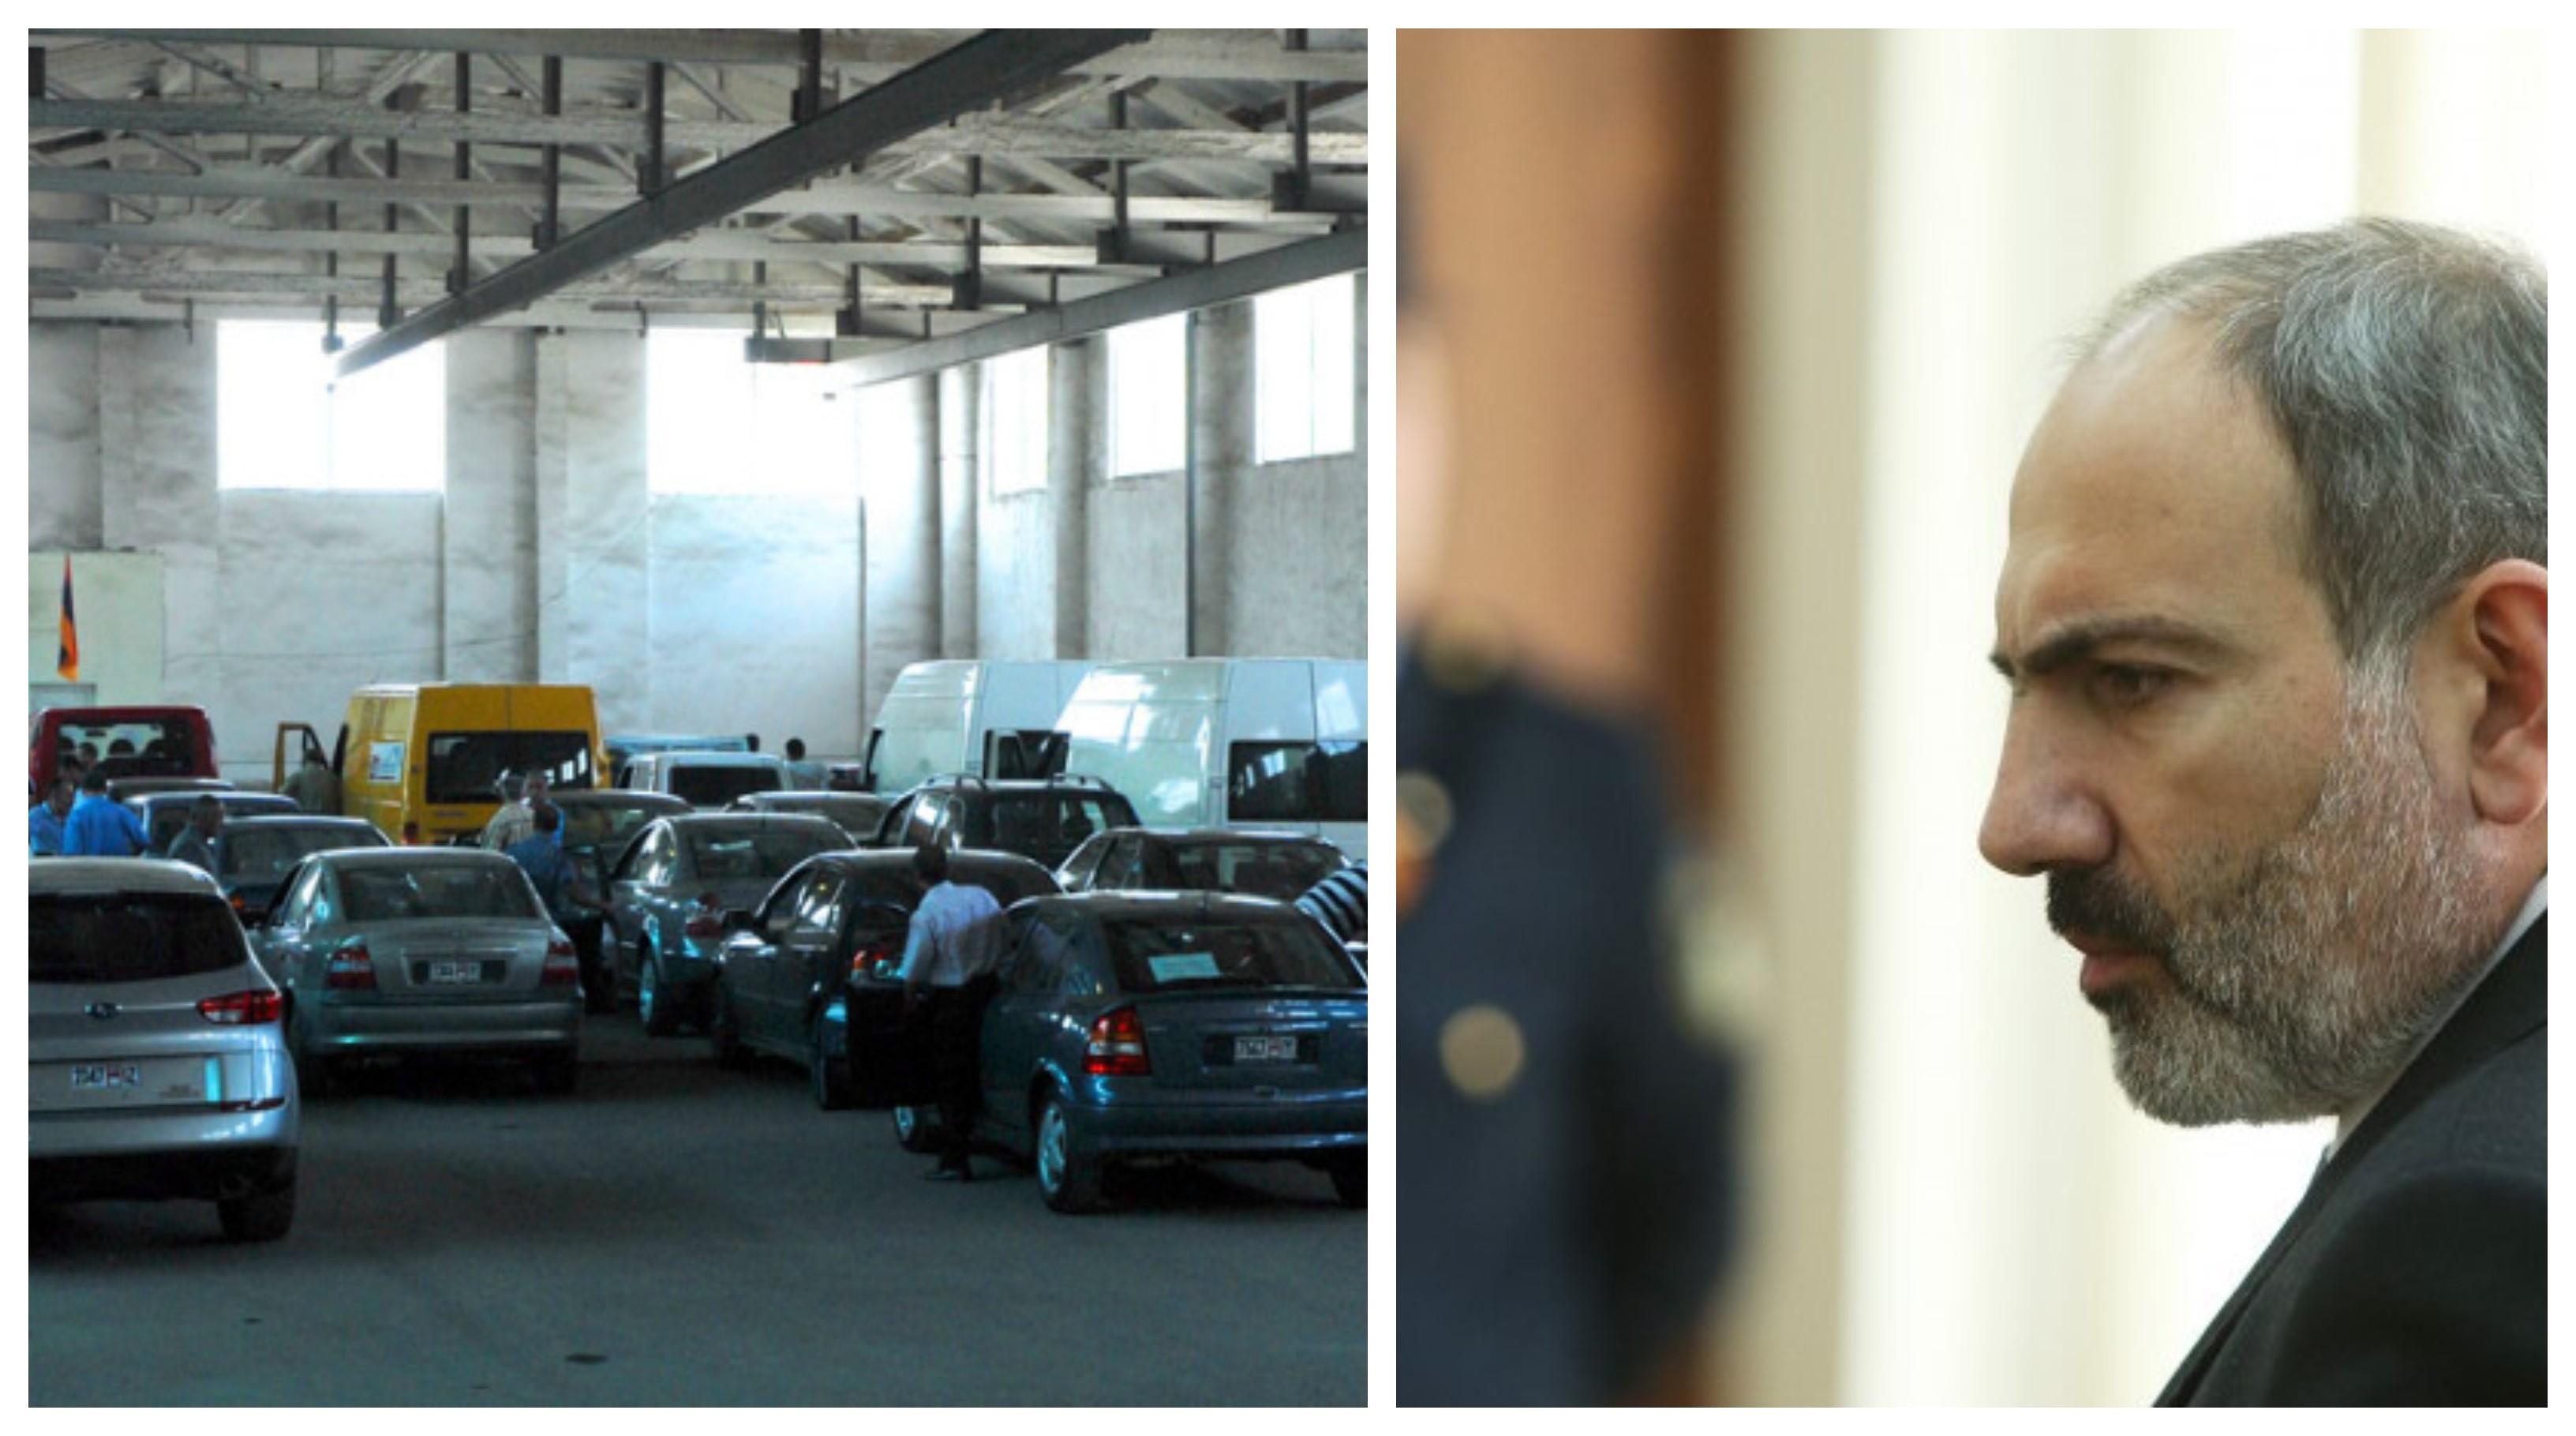 Картинки по запросу Նիկոլ Փաշինյանն այցելել է ավտոմաքսատուն